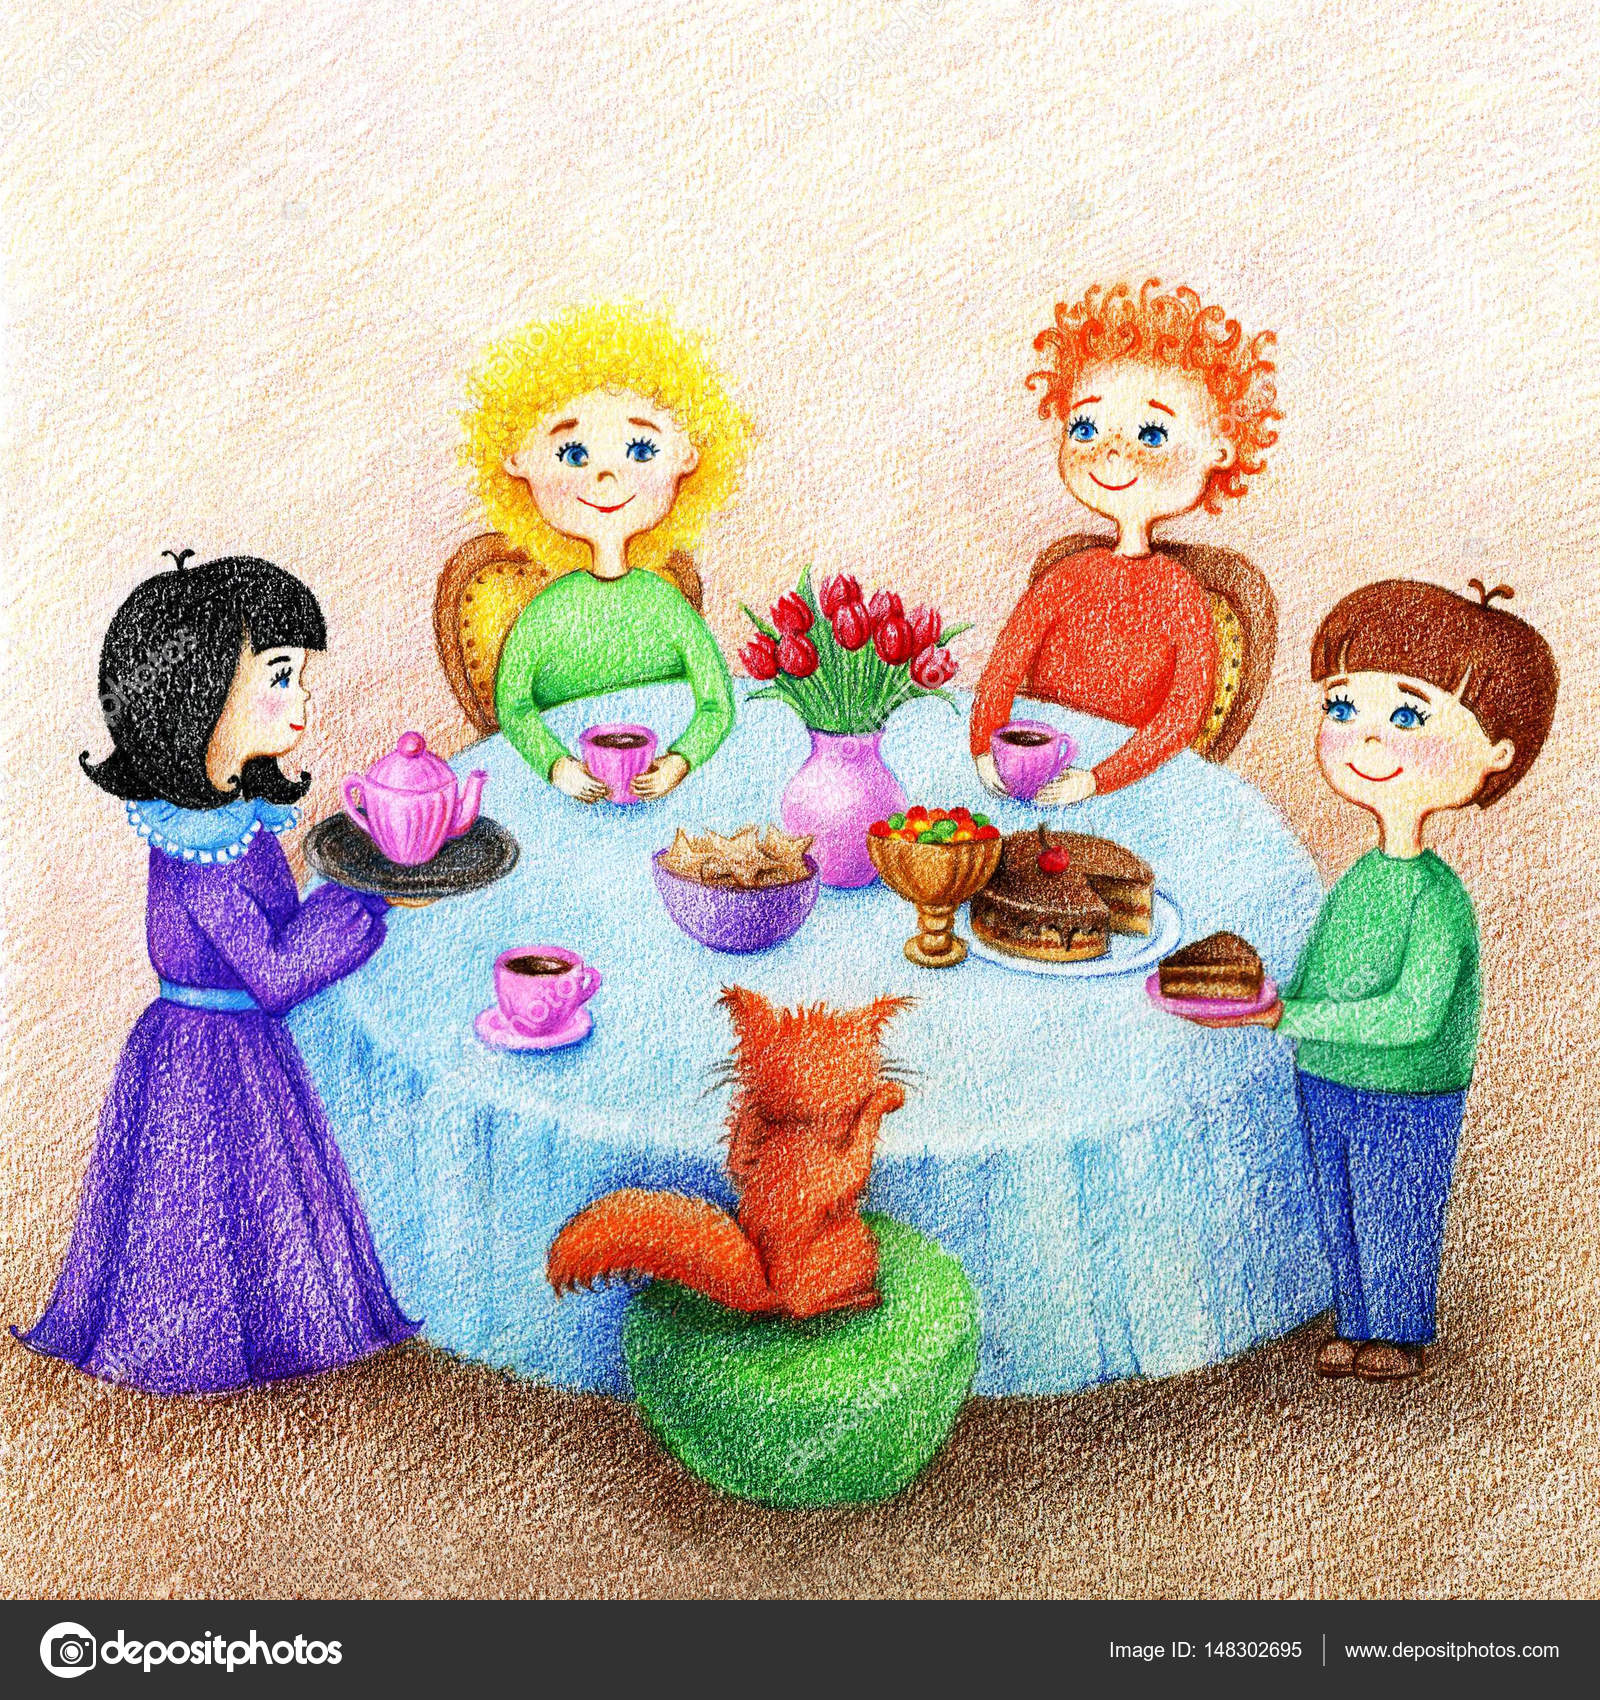 Gedeckter tisch gezeichnet  gezeichnete Bild der vier Kinder und rote Katze sind an einem ...